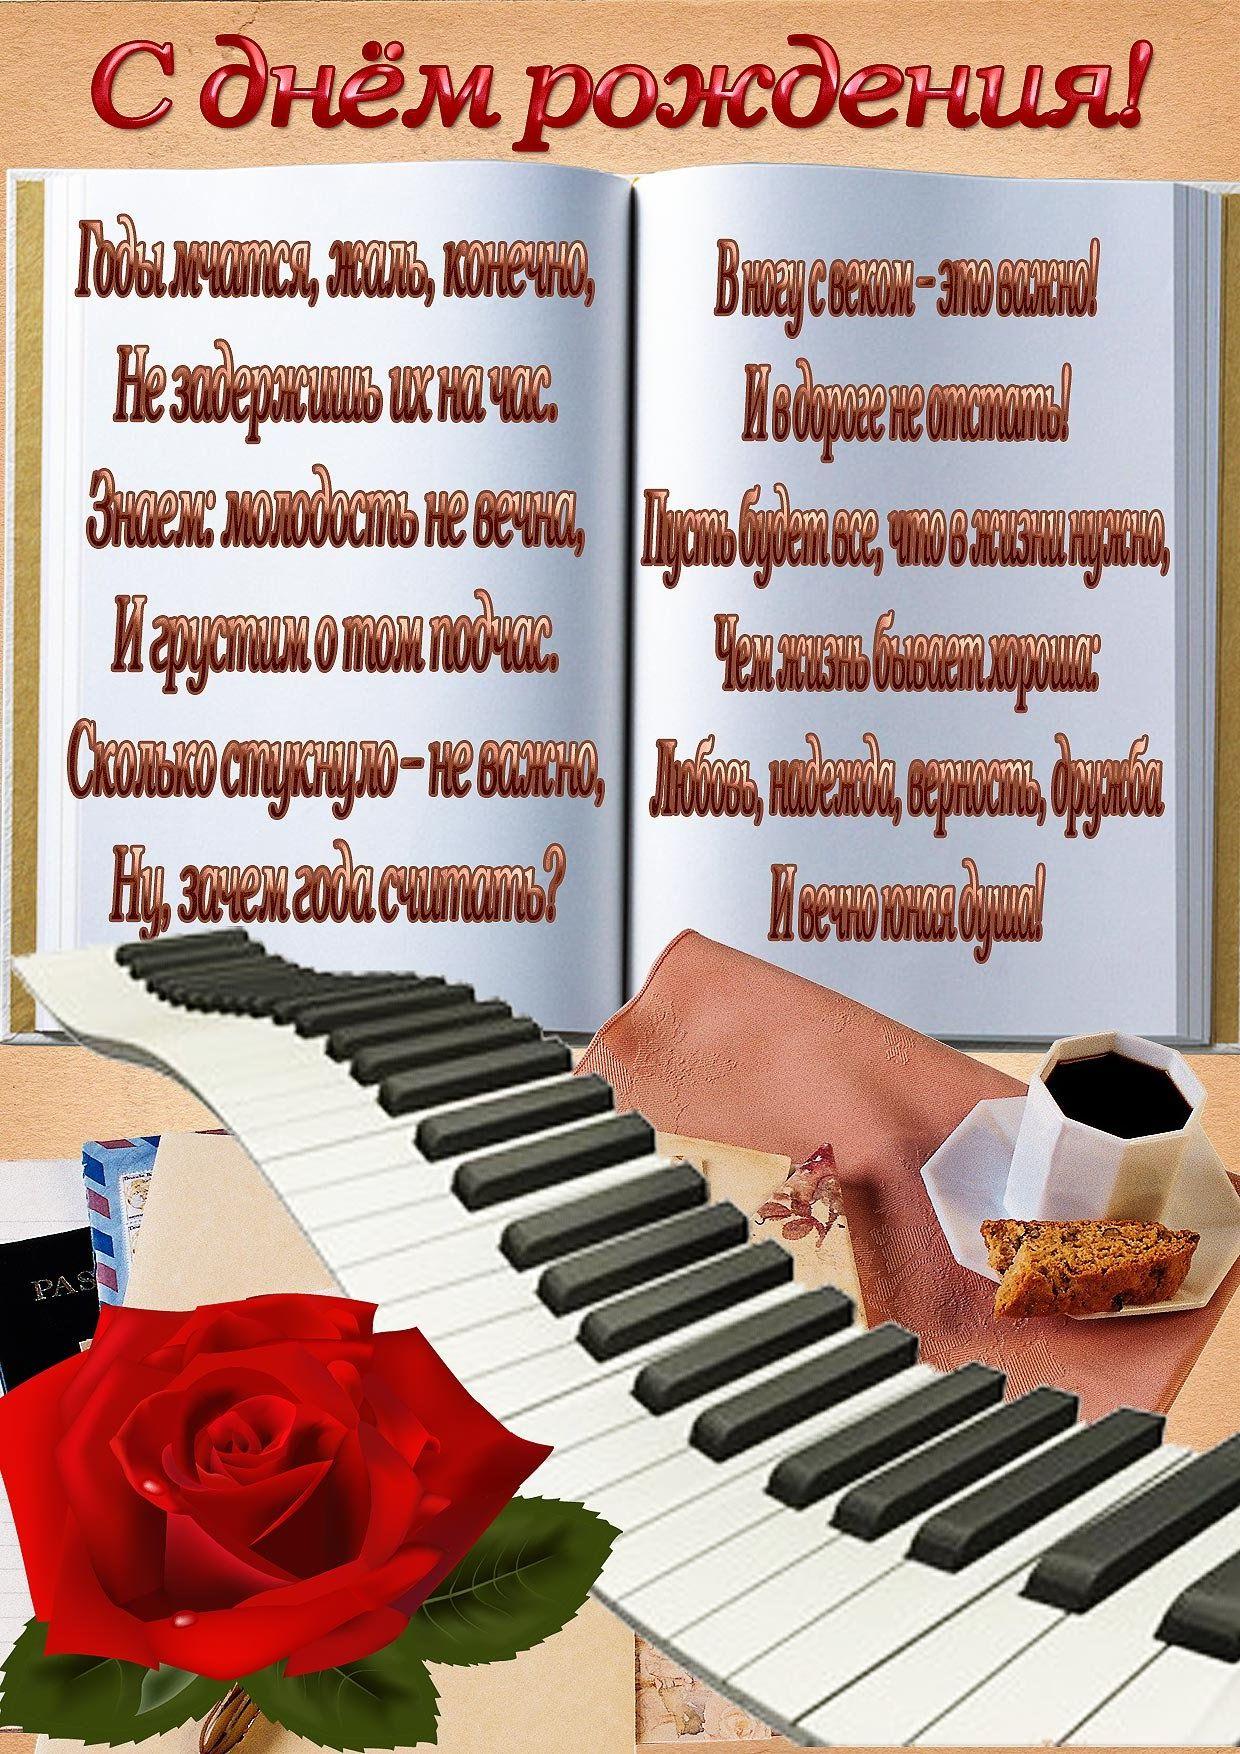 Стихи поздравления с днем рождения музыканта